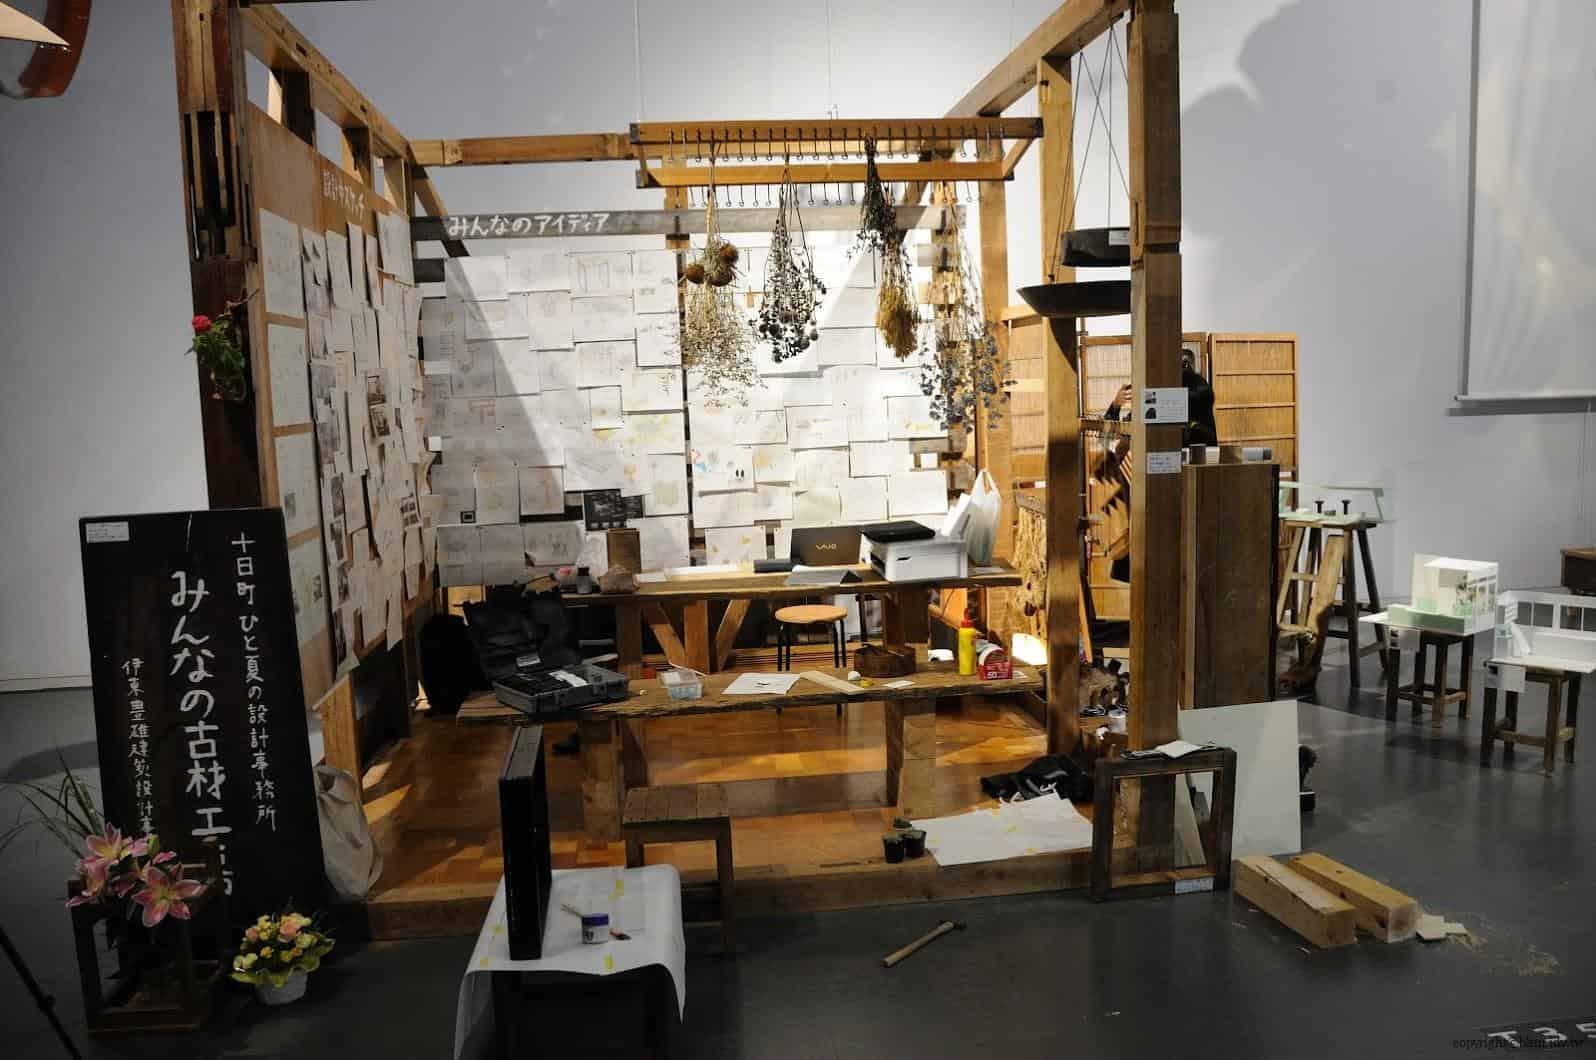 原廣司+ATELIER建築研究所,越後妻有里山現代美術館,2018企劃展「方丈記私記」,千變萬化的方格世界,讓藝術家們在長寬高皆約3公尺的「一方丈」空間裡,打造出他們想像中的世界 越後妻有里山現代美術館 越後妻有里山現代美術館 echigo tsumari kouryukan echigo tsumari exchange center 16